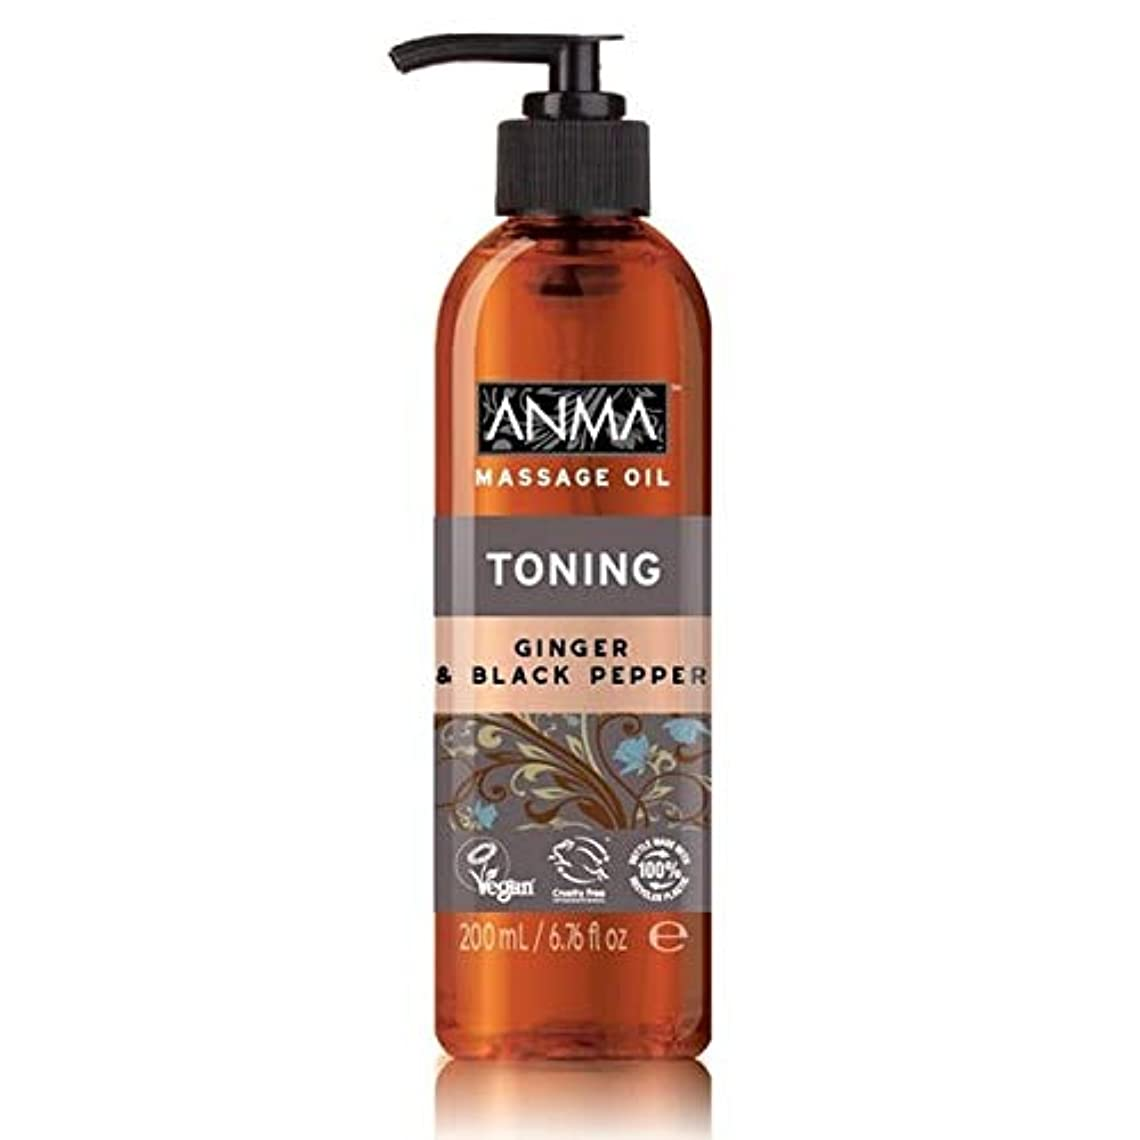 セラー好戦的な首尾一貫した[Anma ] あんまマッサージオイル調色 - Anma Massage Oil Toning [並行輸入品]